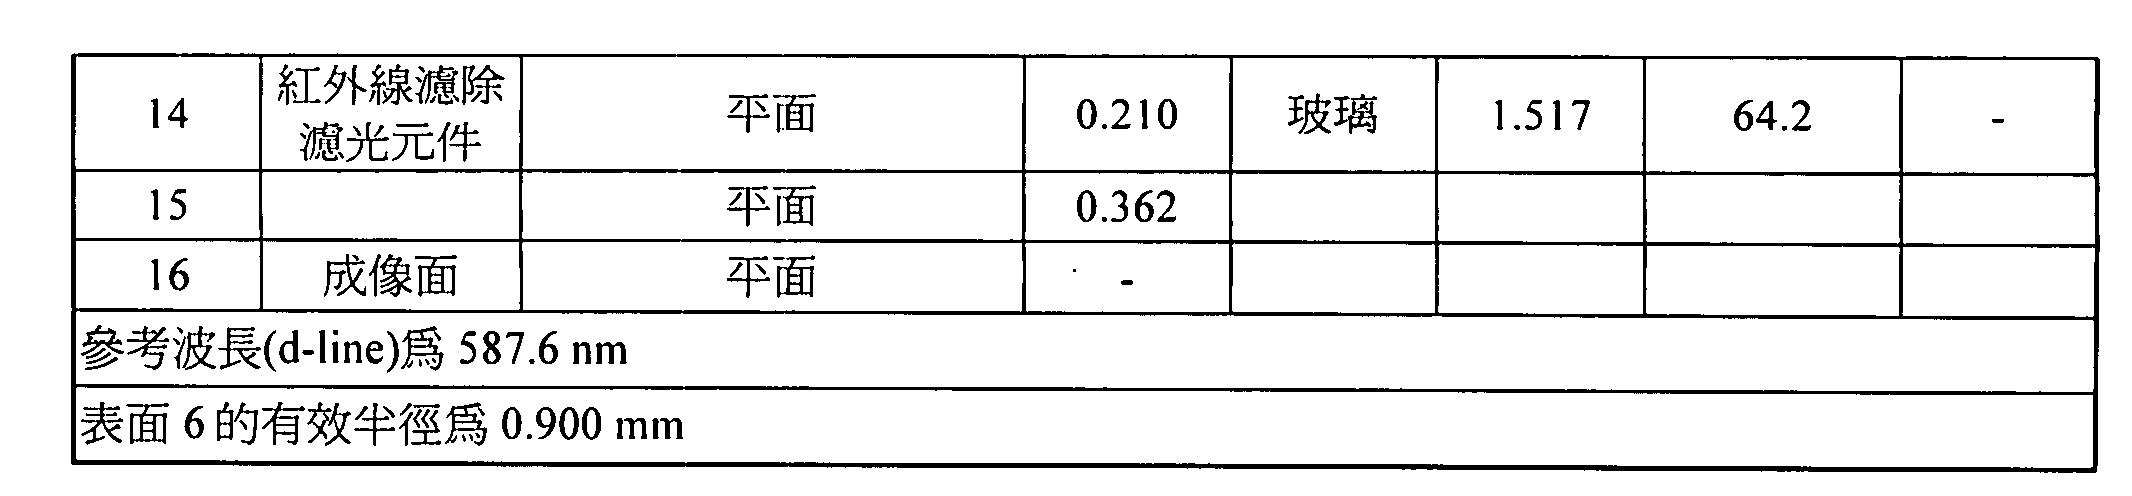 Figure TWI610090BD00026